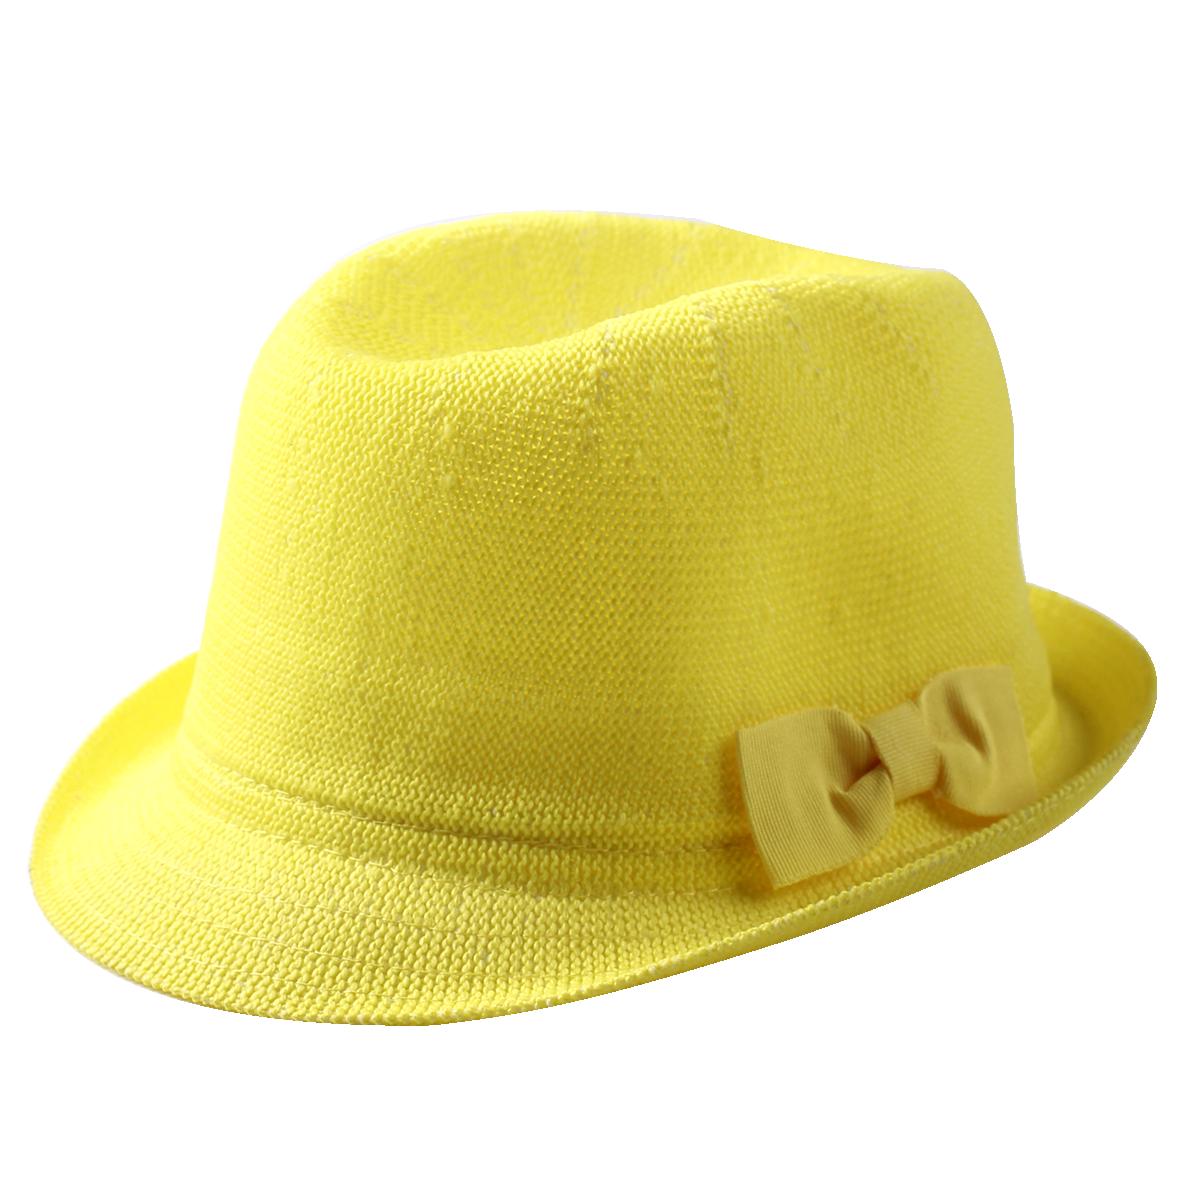 Mũ đa phong cách màu vàng